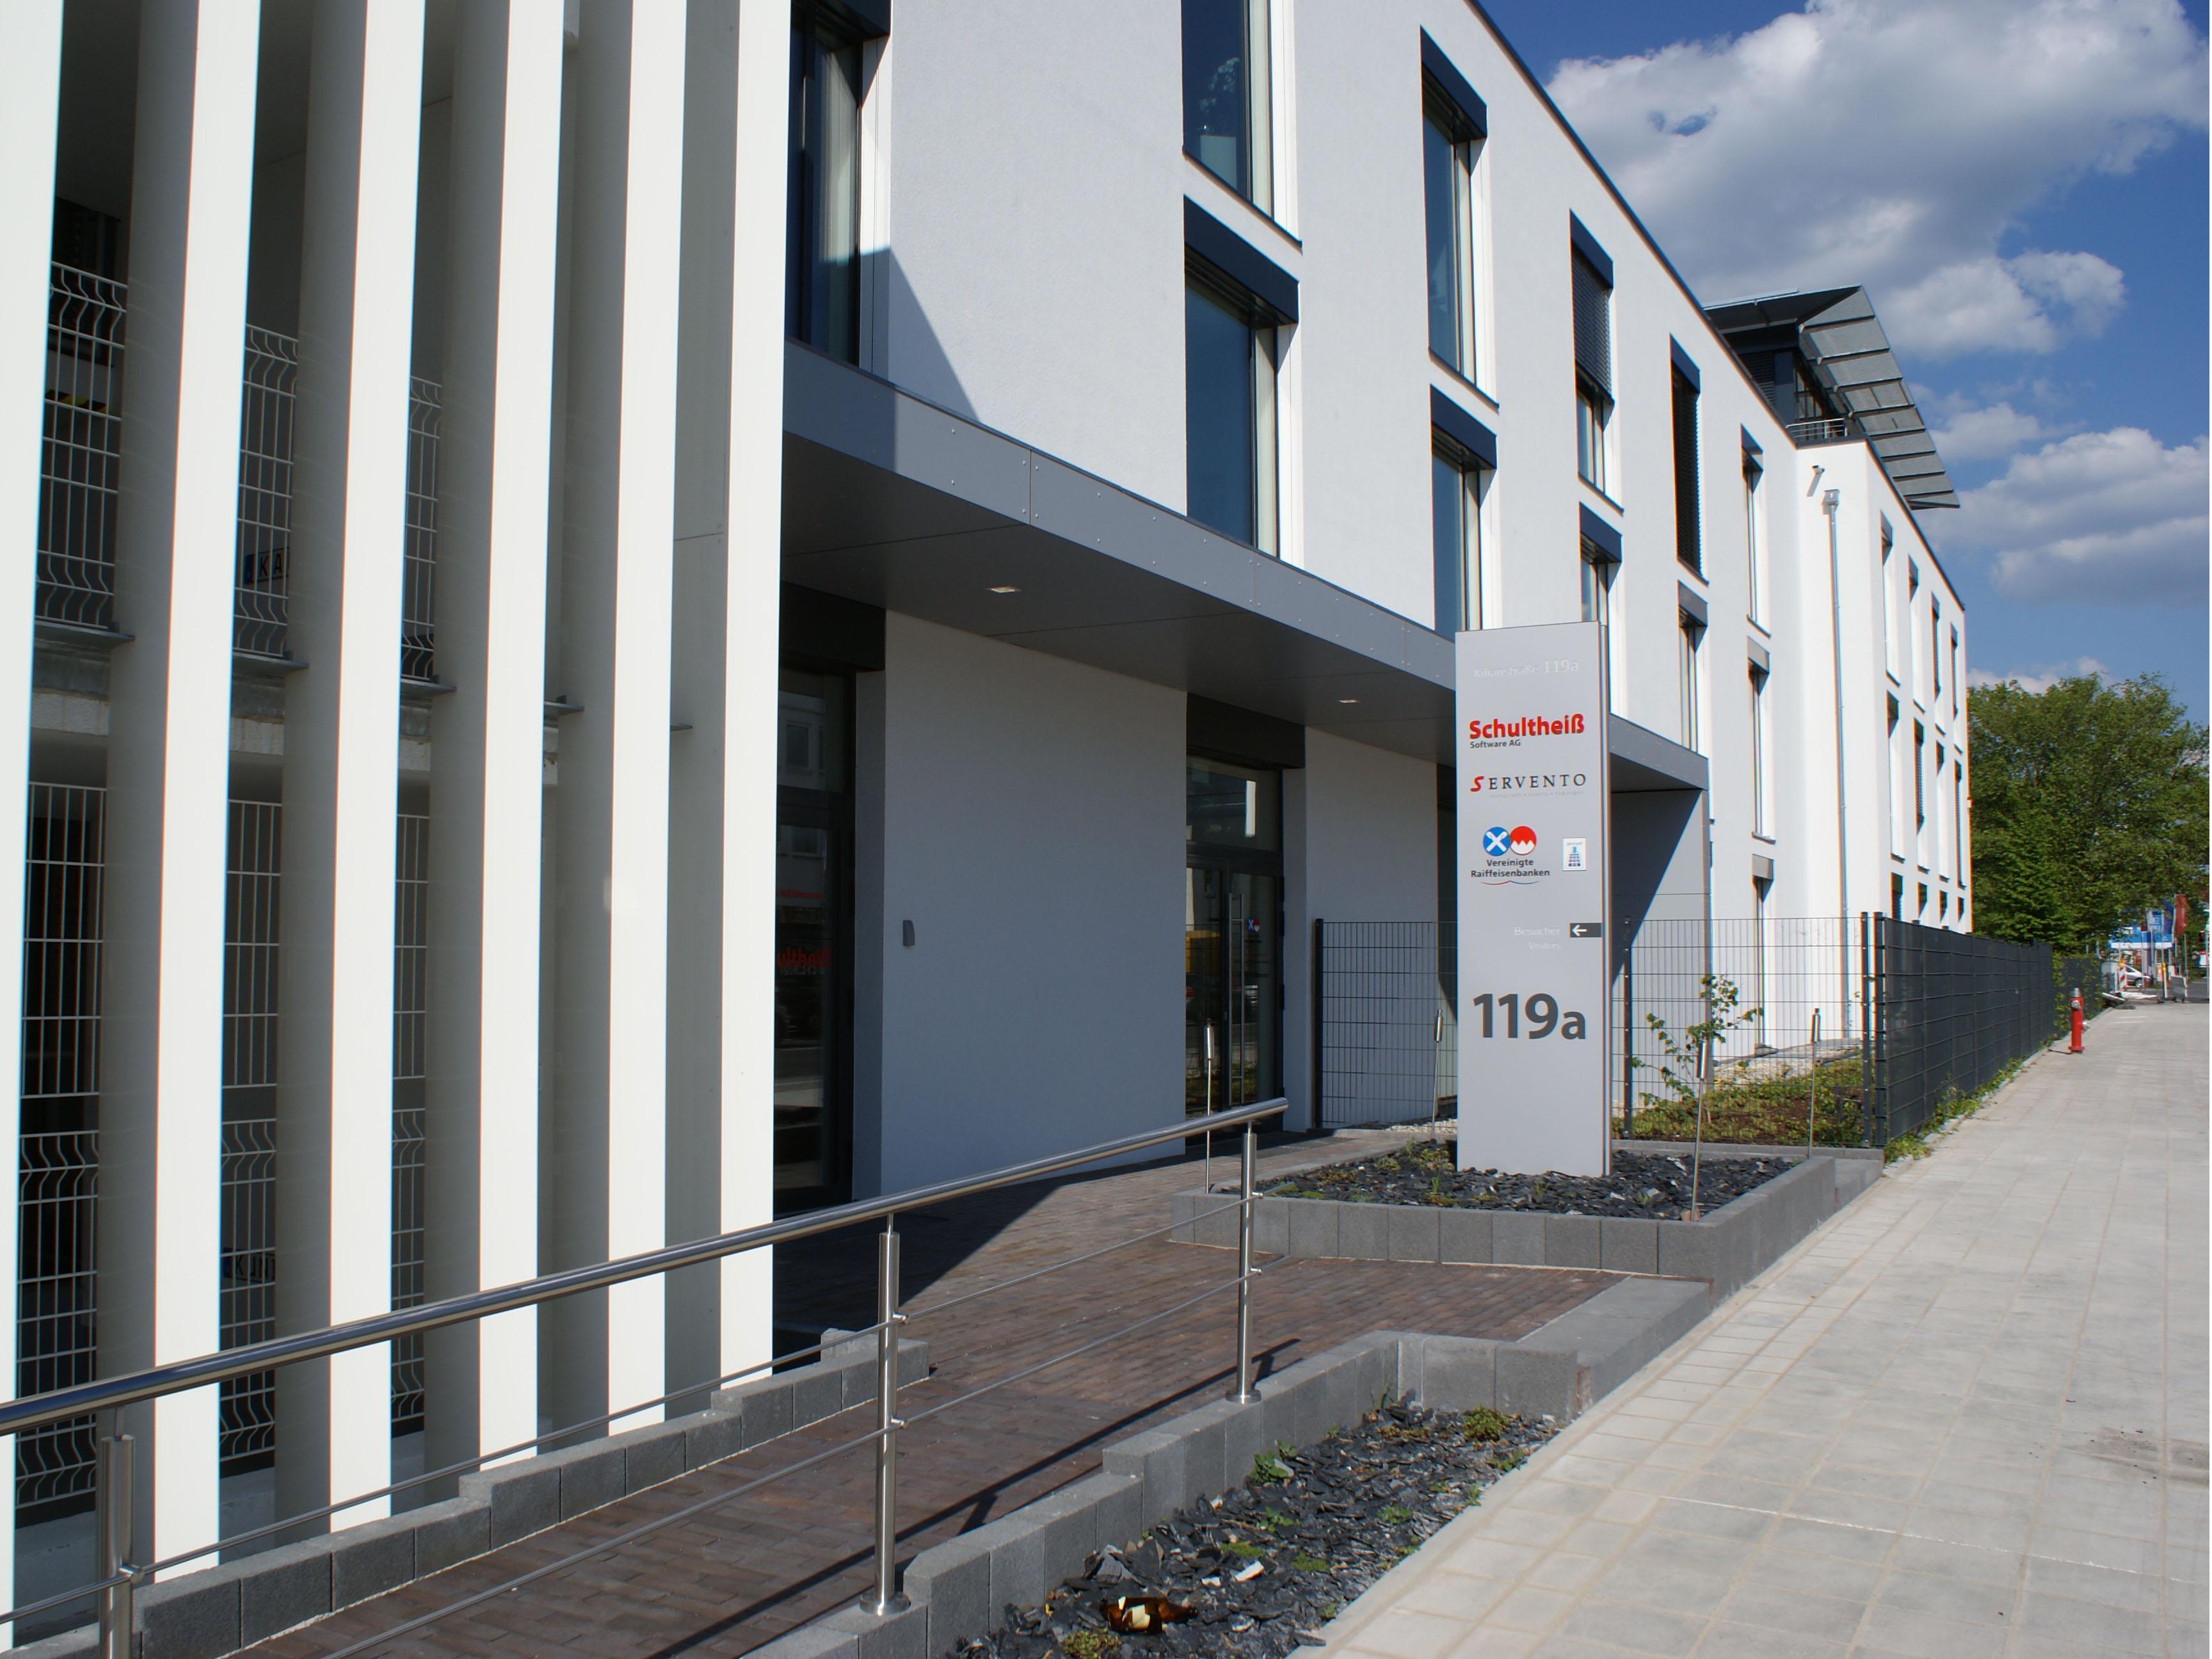 vereinigte raiffeisenbanken baufinanzierungszentrum in n rnberg branchenbuch deutschland. Black Bedroom Furniture Sets. Home Design Ideas